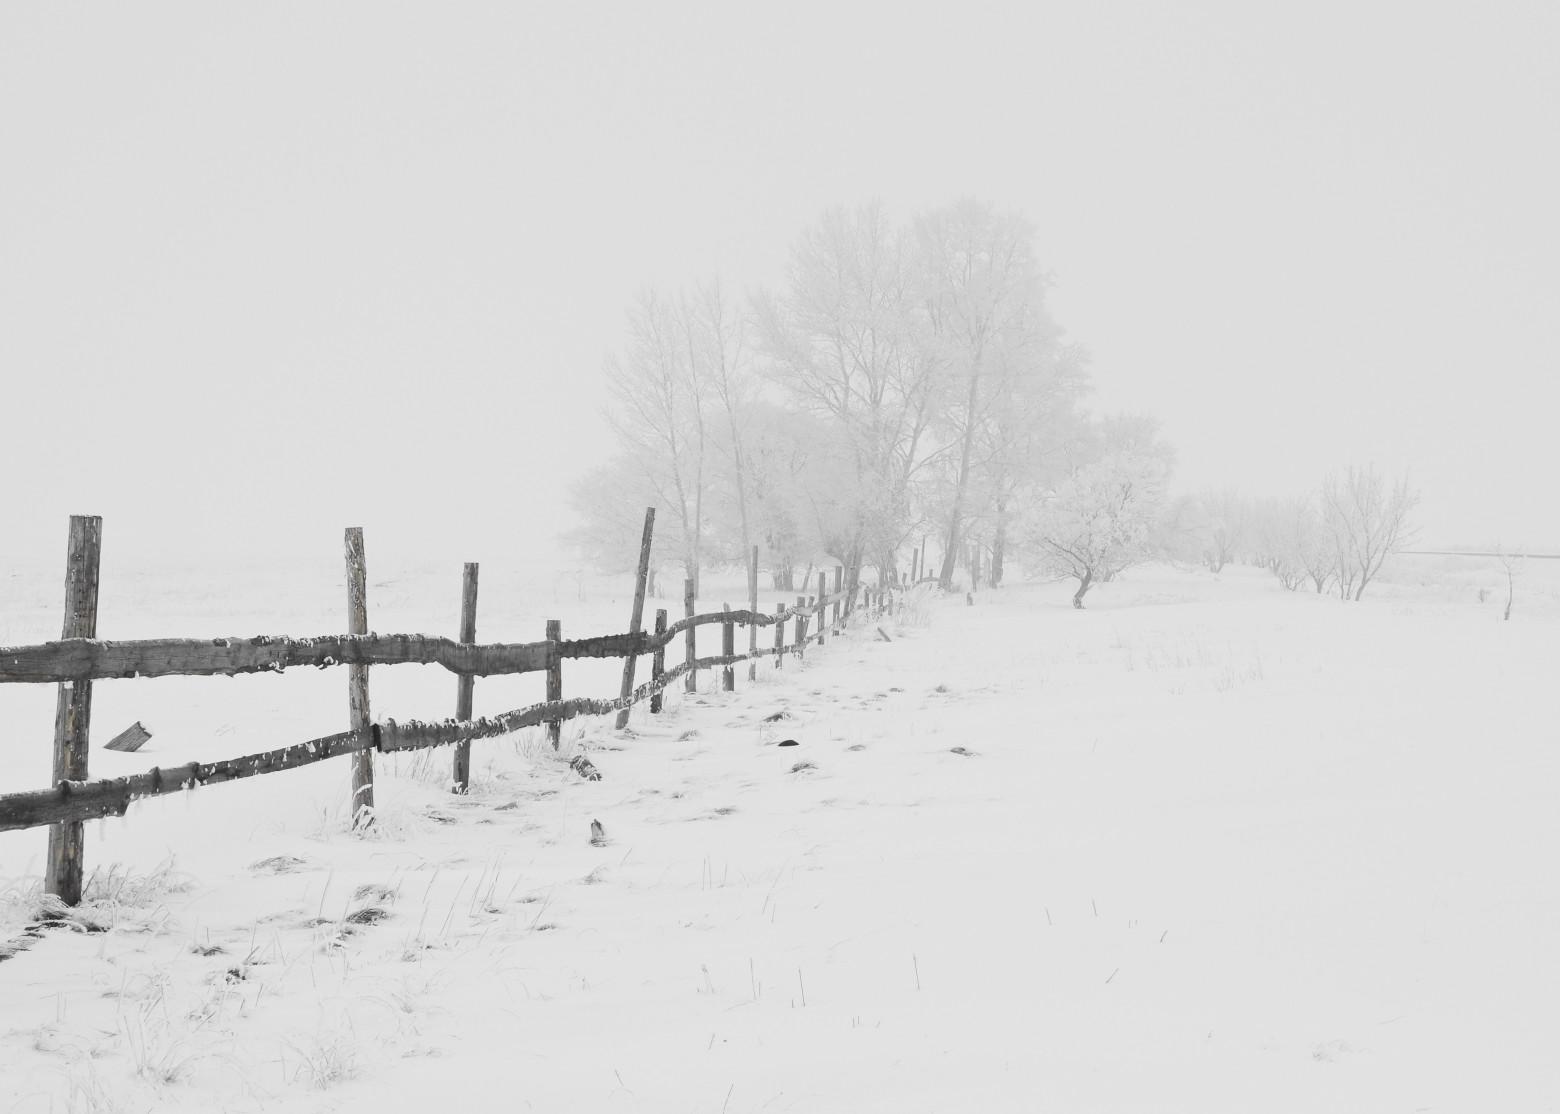 Photos gratuites de paysage l 39 hiver la neige campagne - Photos de neige gratuites ...